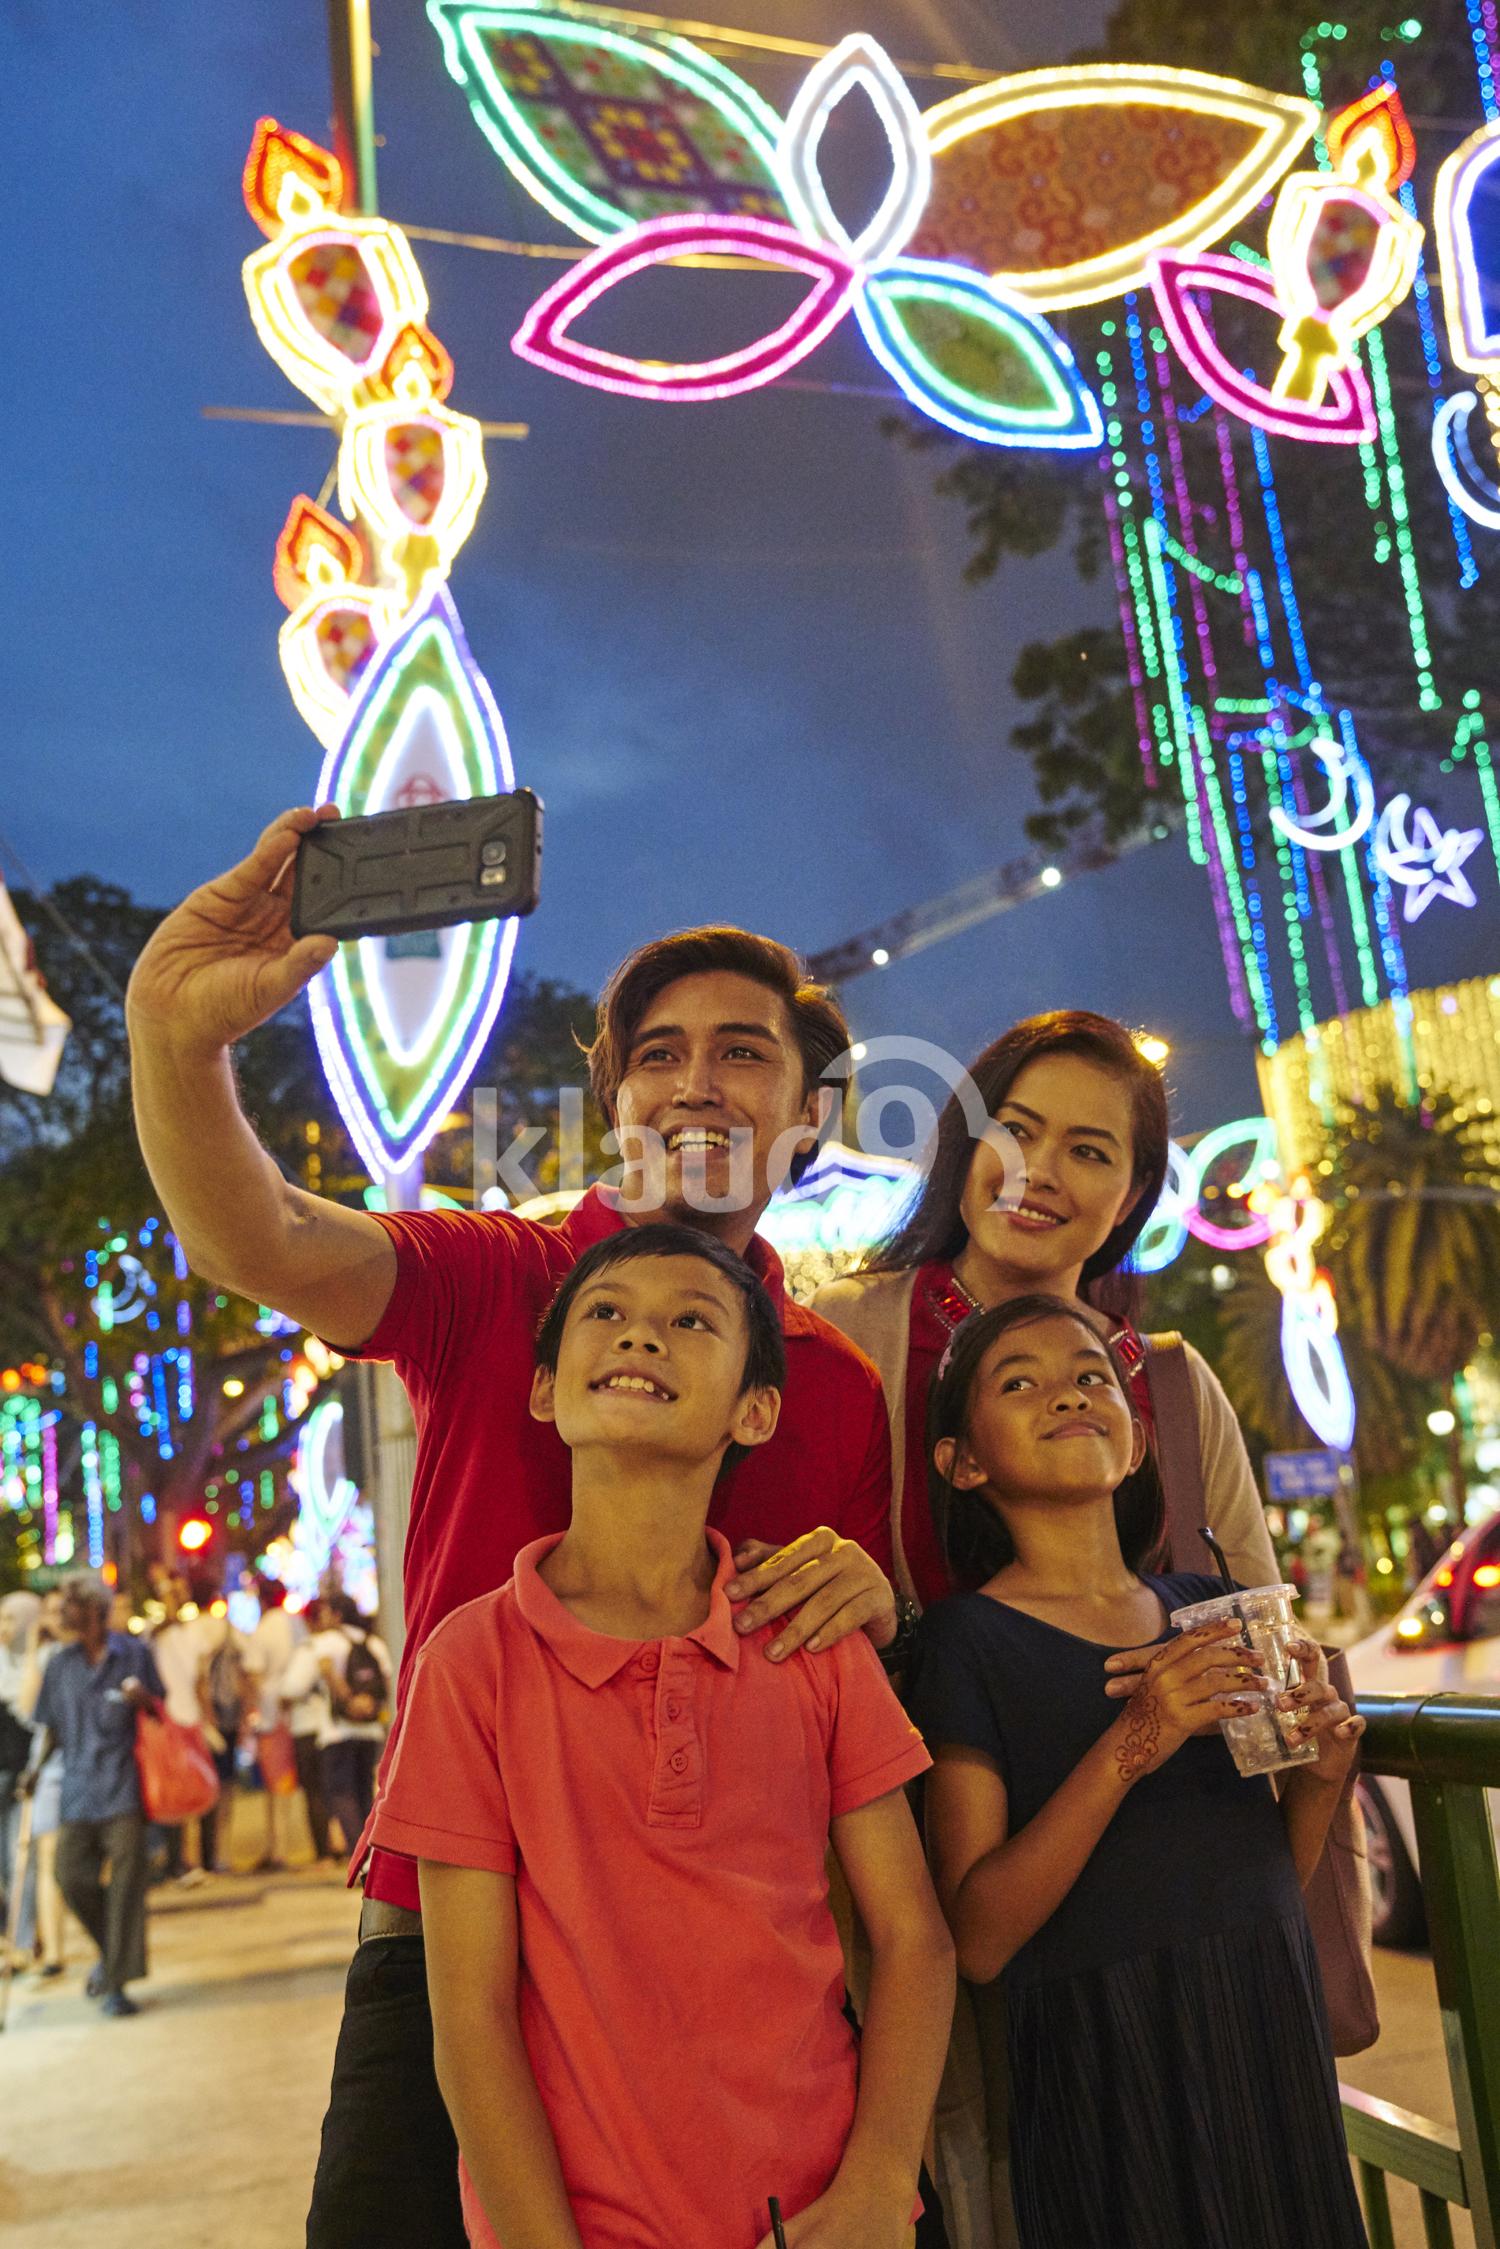 Smiling family taking selfies at Hari Raya Geylang Bazaar, Singapore